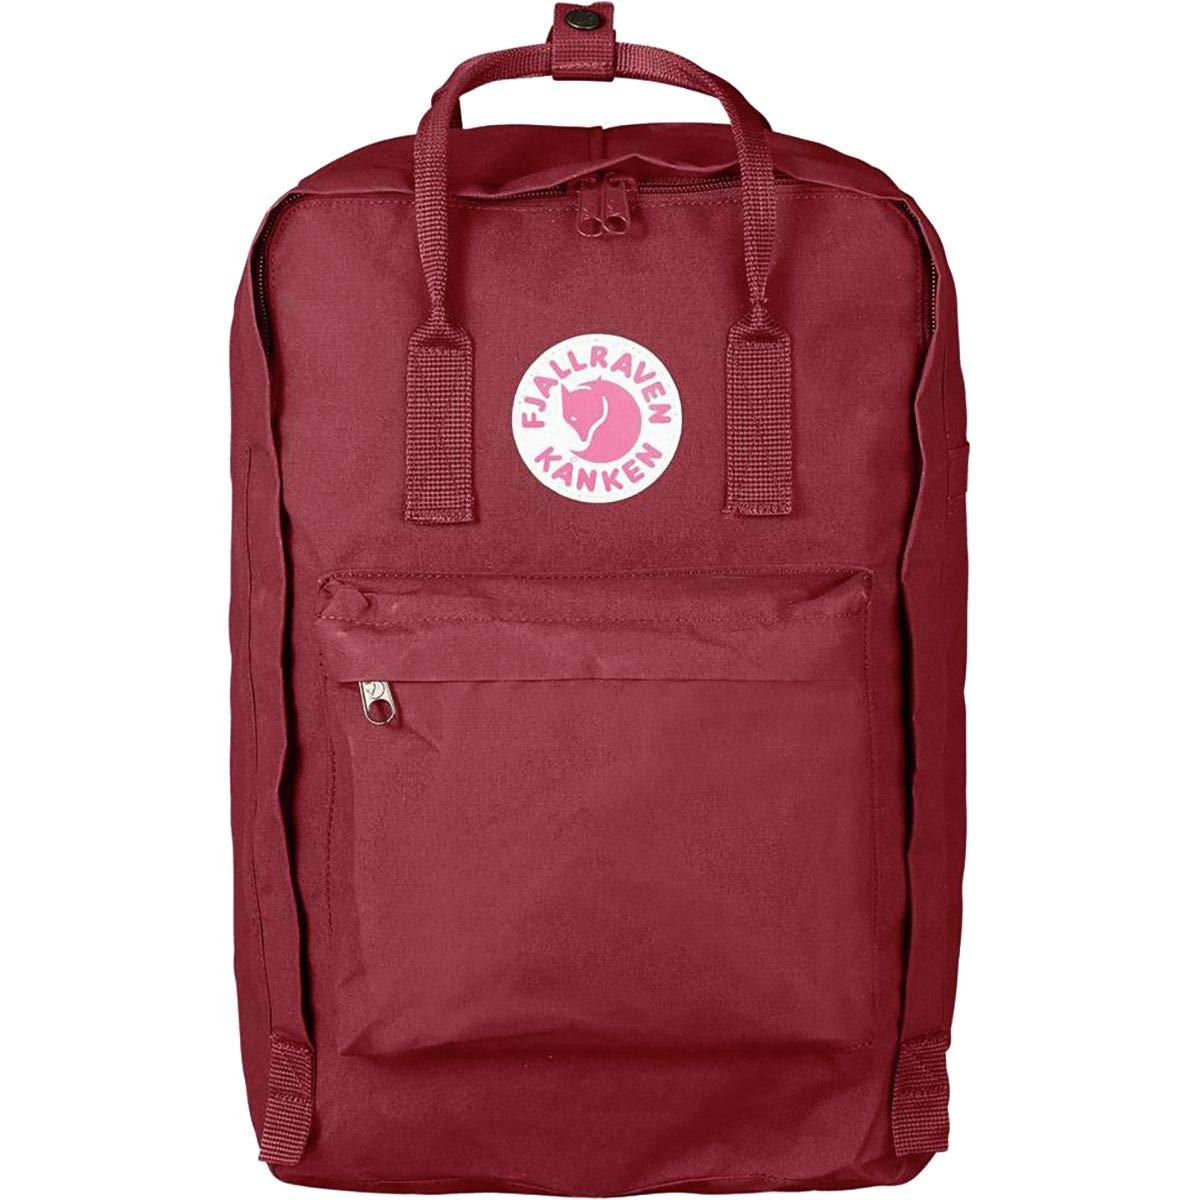 [フェールラーベン] メンズ バックパックリュックサック Kanken Laptop 17in Backpack [並行輸入品] No-Size  B07QRSF1BR